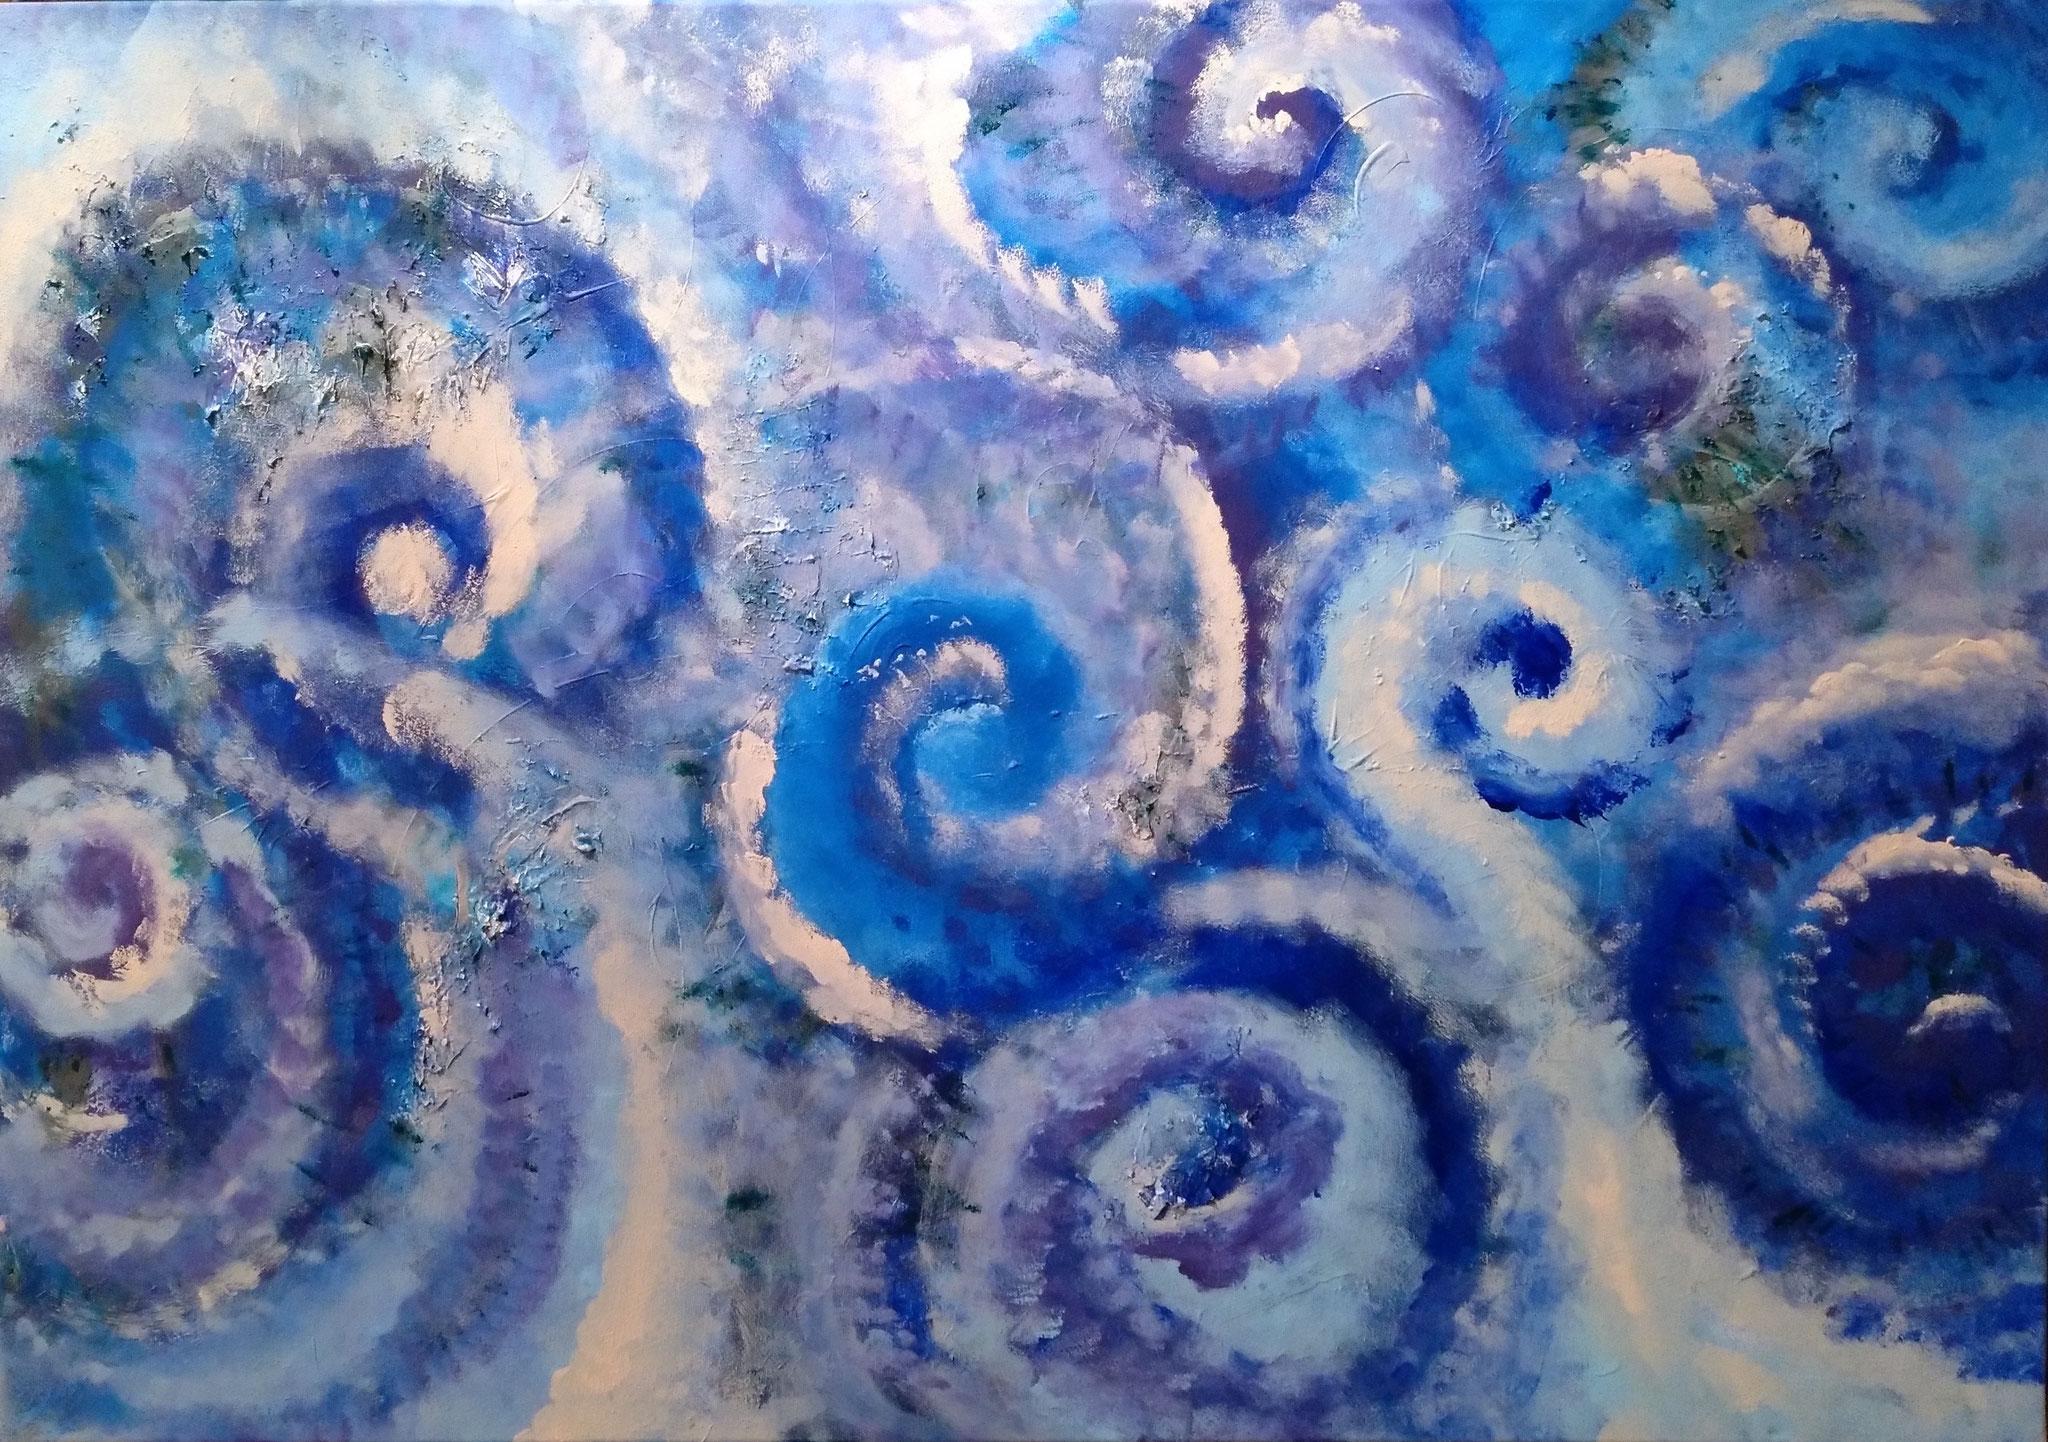 Wasserfluten - 70 x 100 - Acryl und Öl auf Leinwand